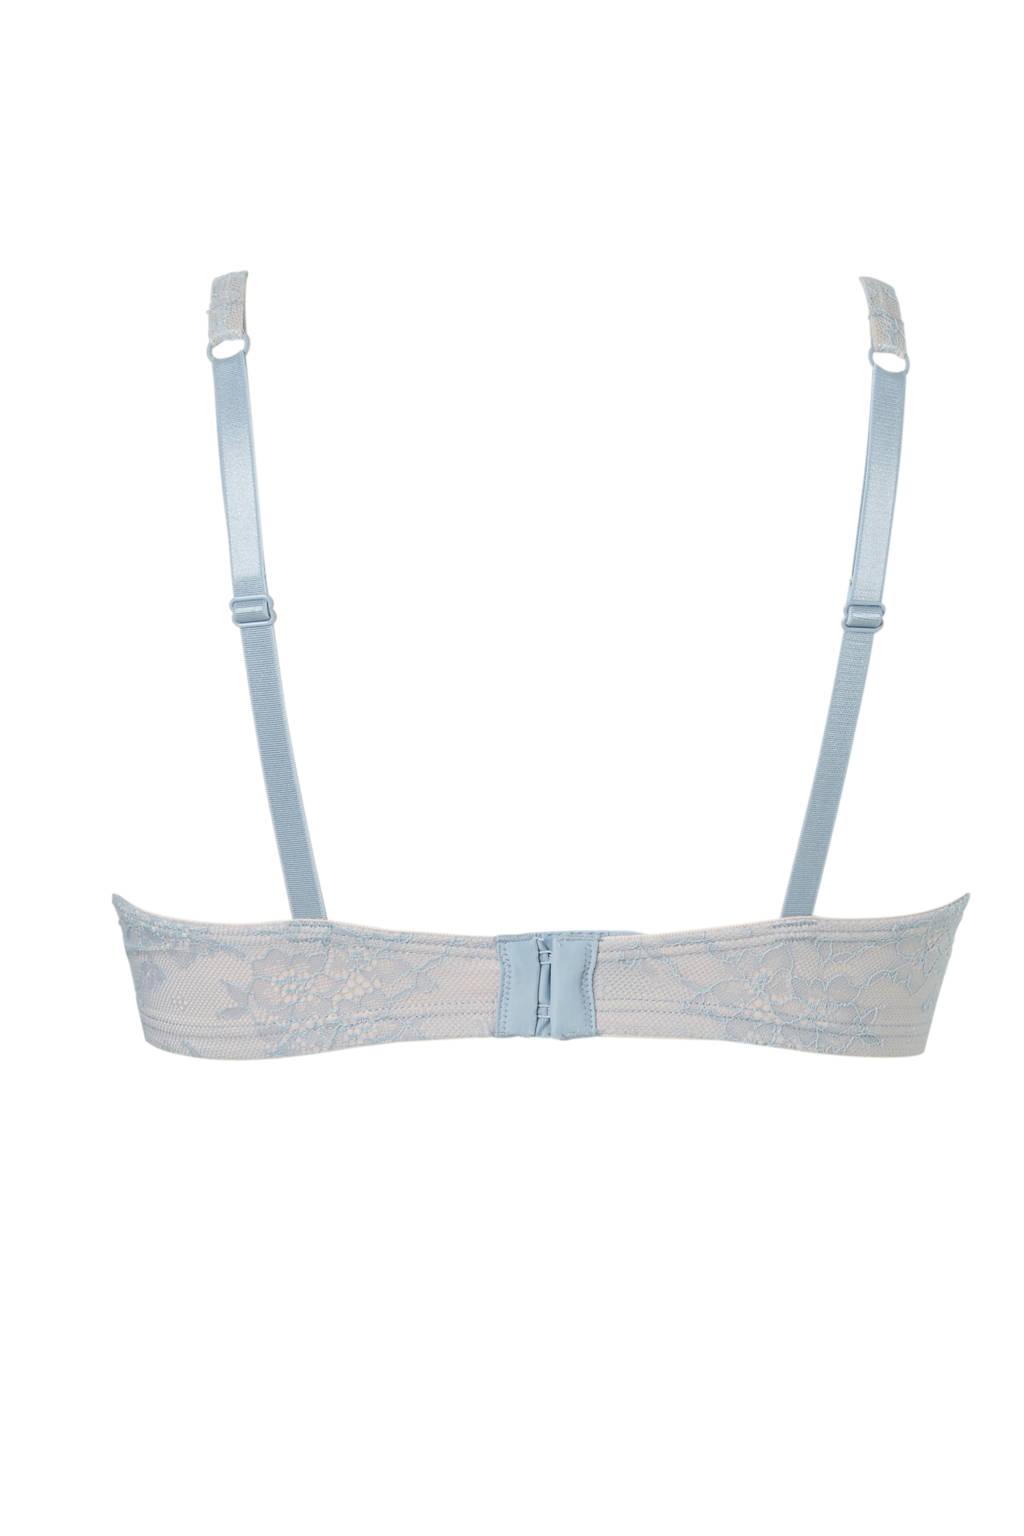 Sassa Mode voorgevormde beugelbh, Lichtblauw